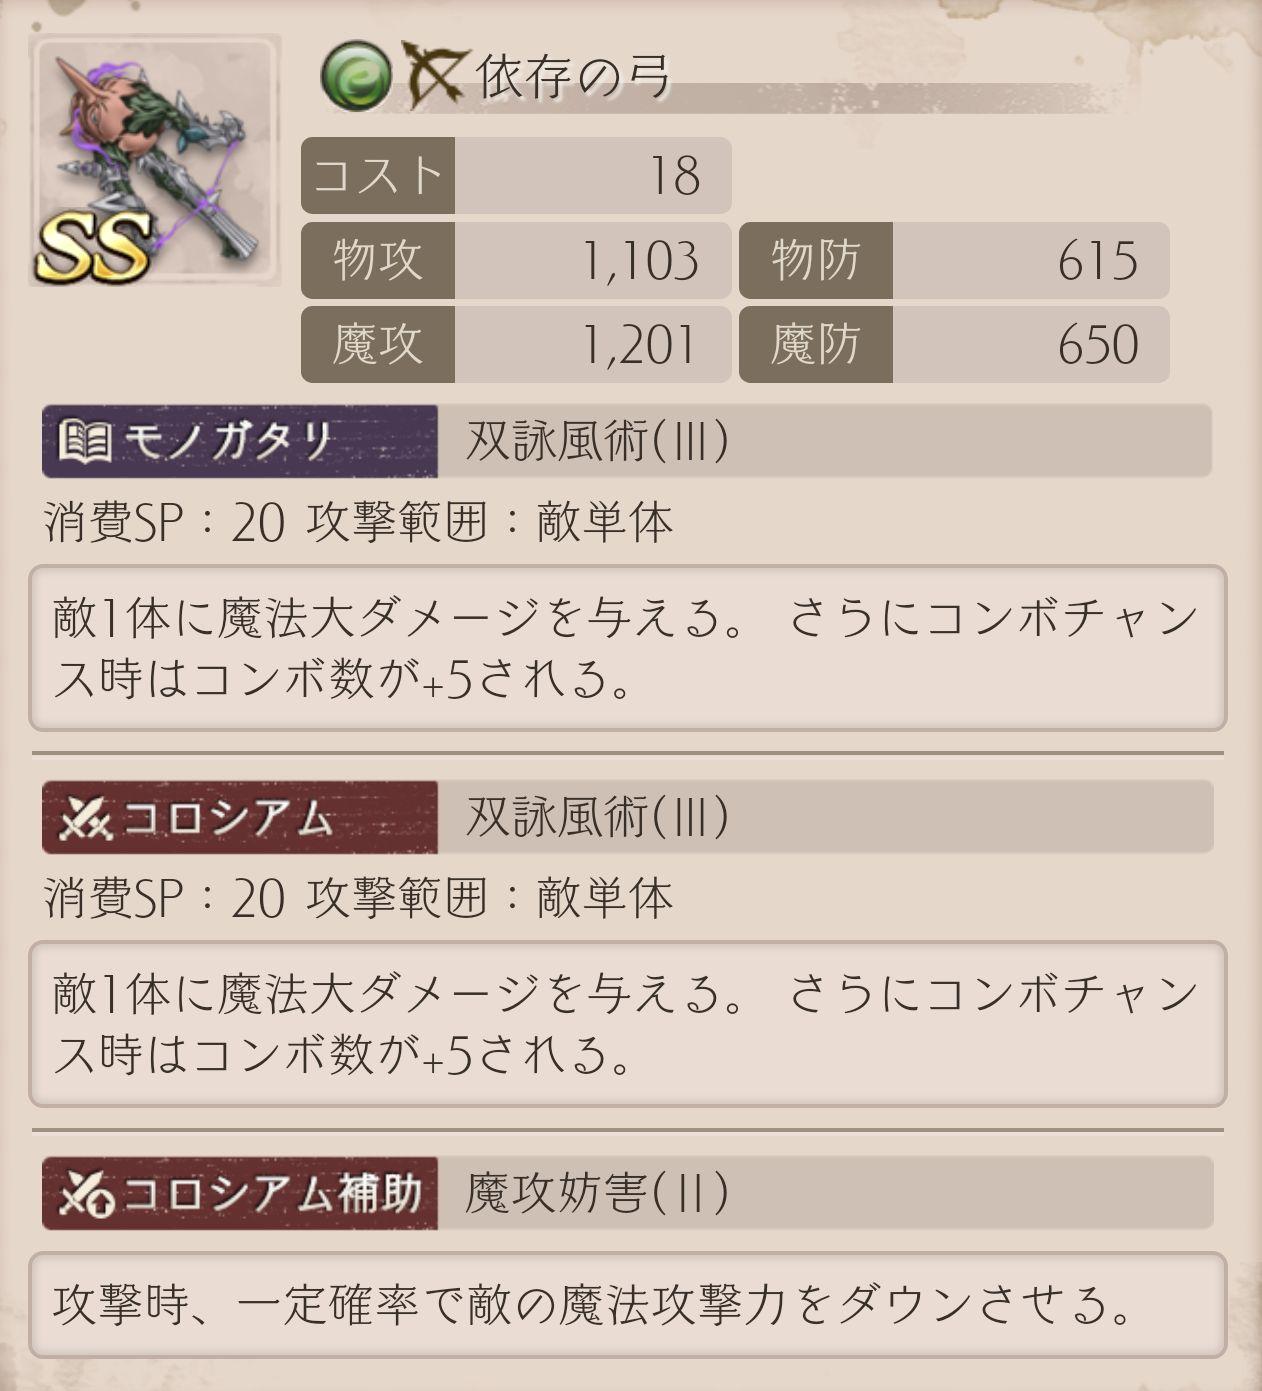 防具 一覧 シノアリス 【シノアリス】最強防具ランキング